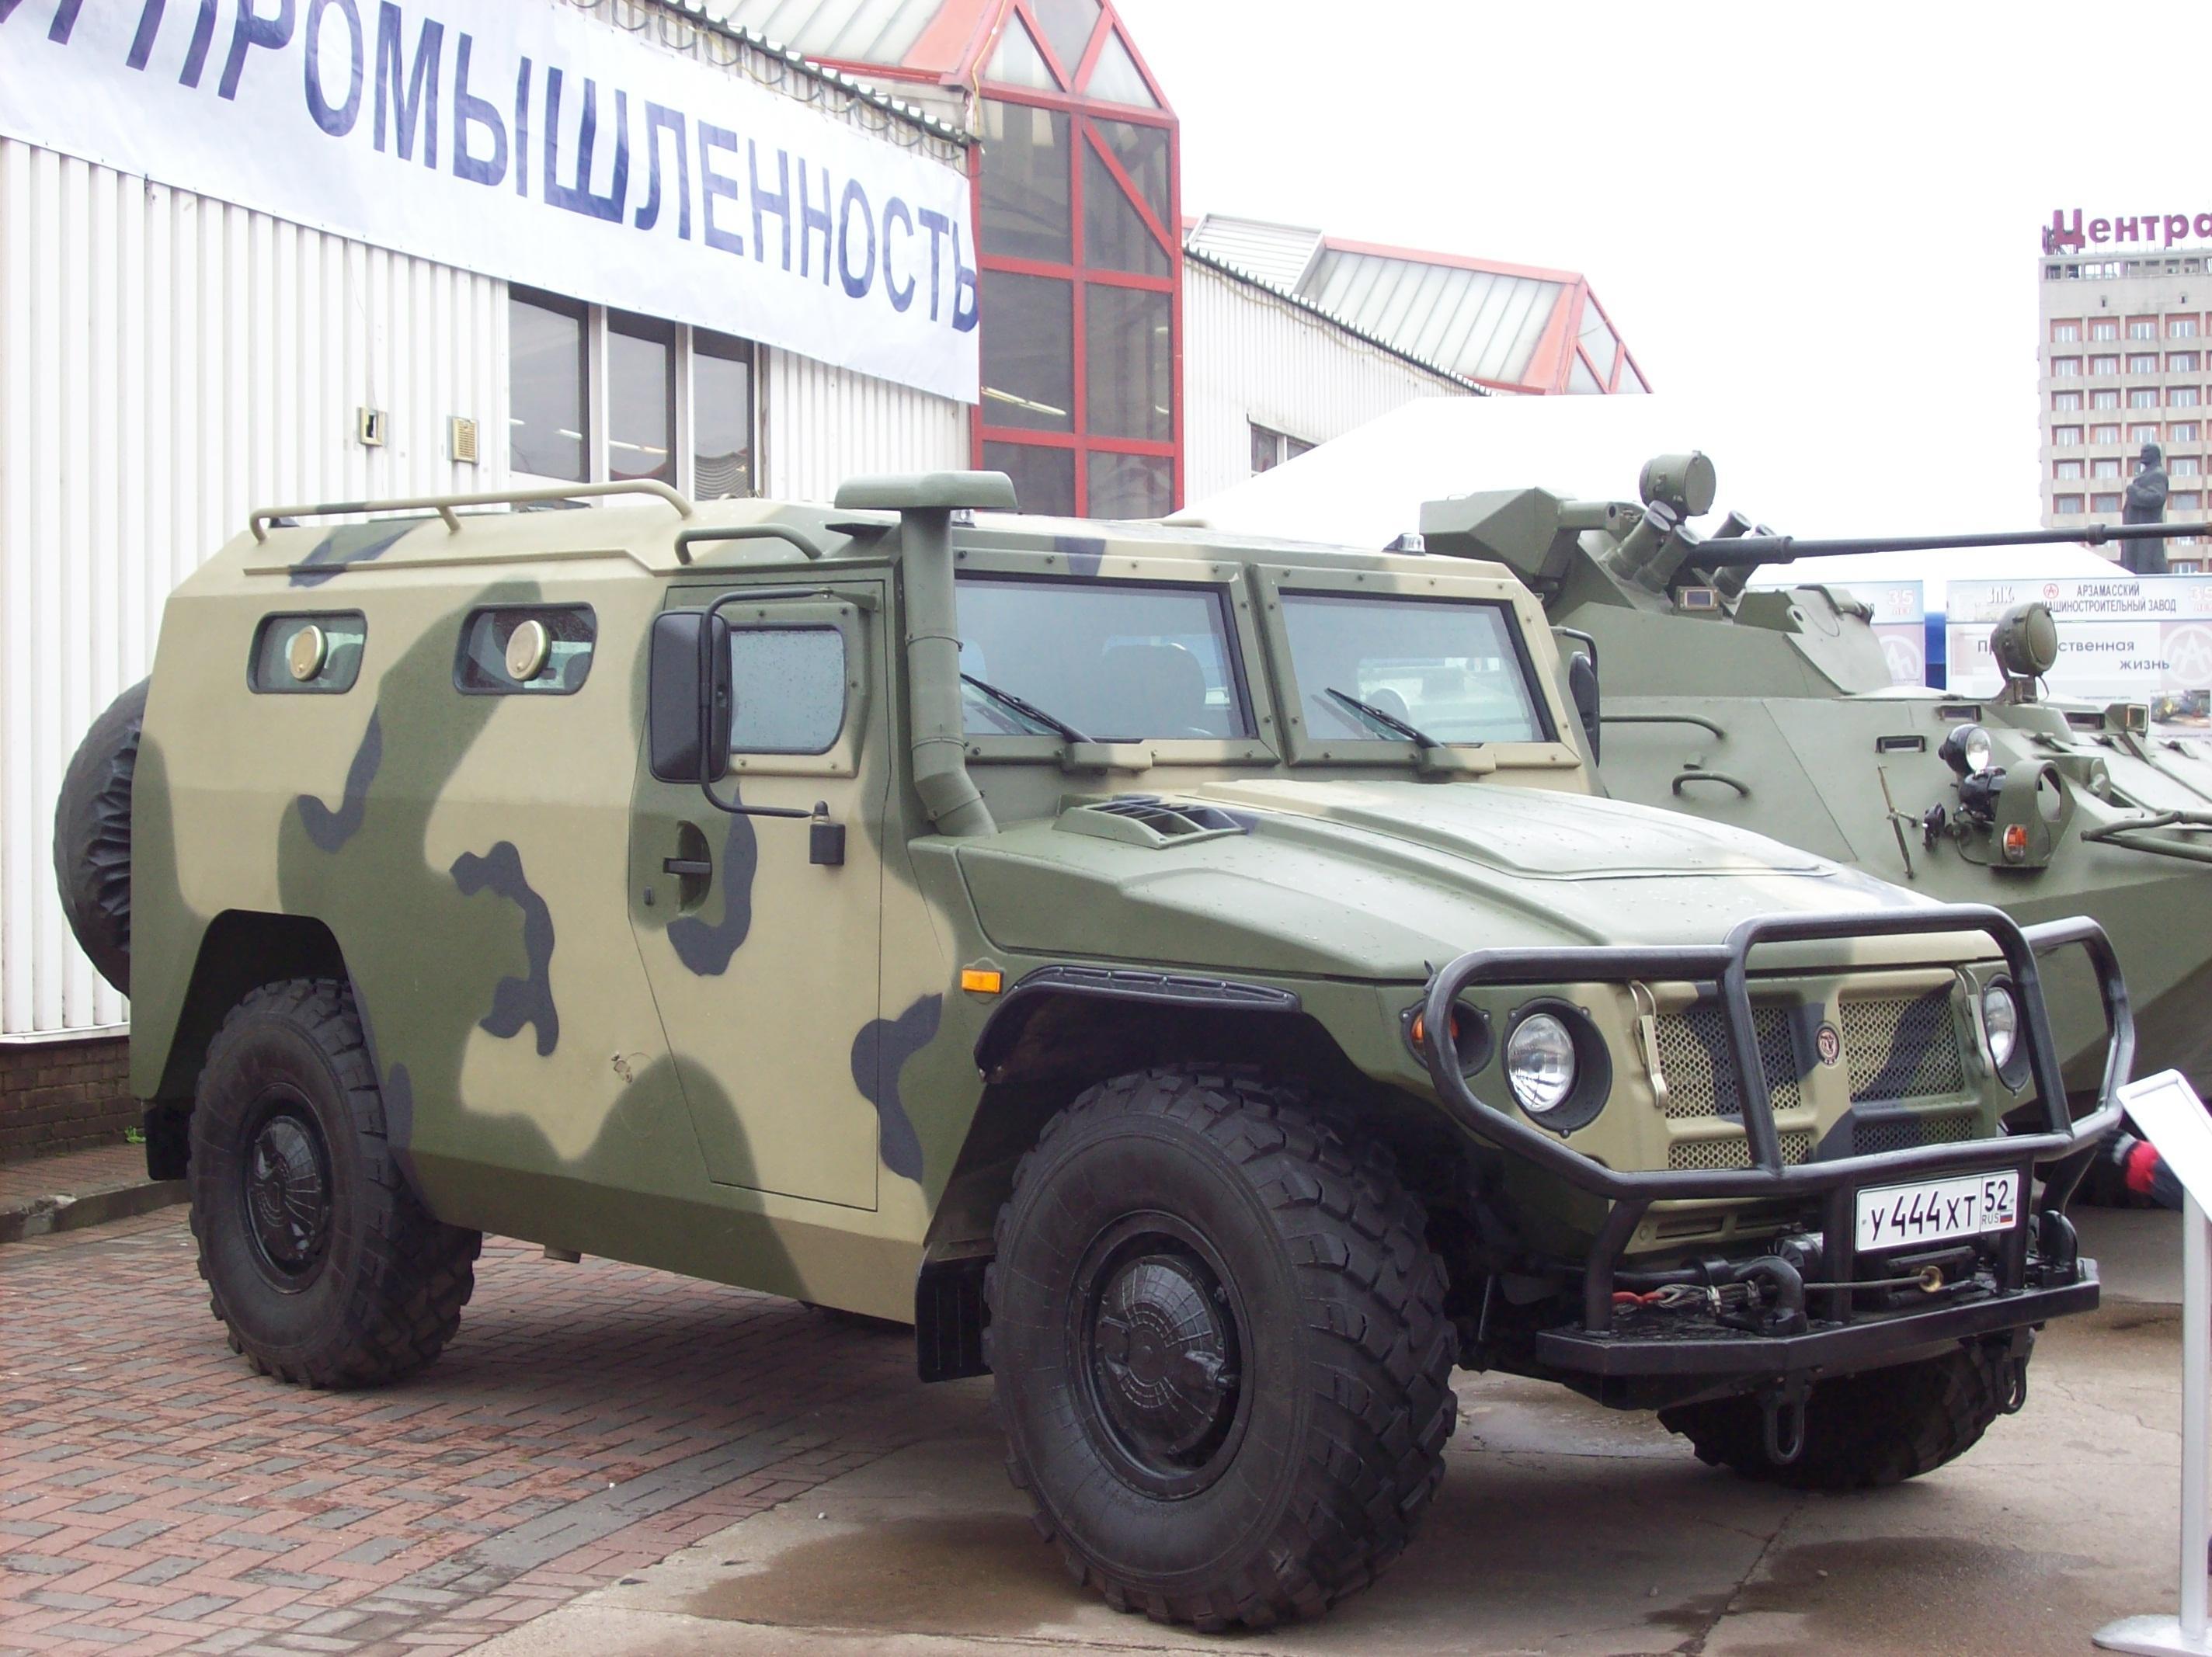 Russos querem produzir blindados no Brasil